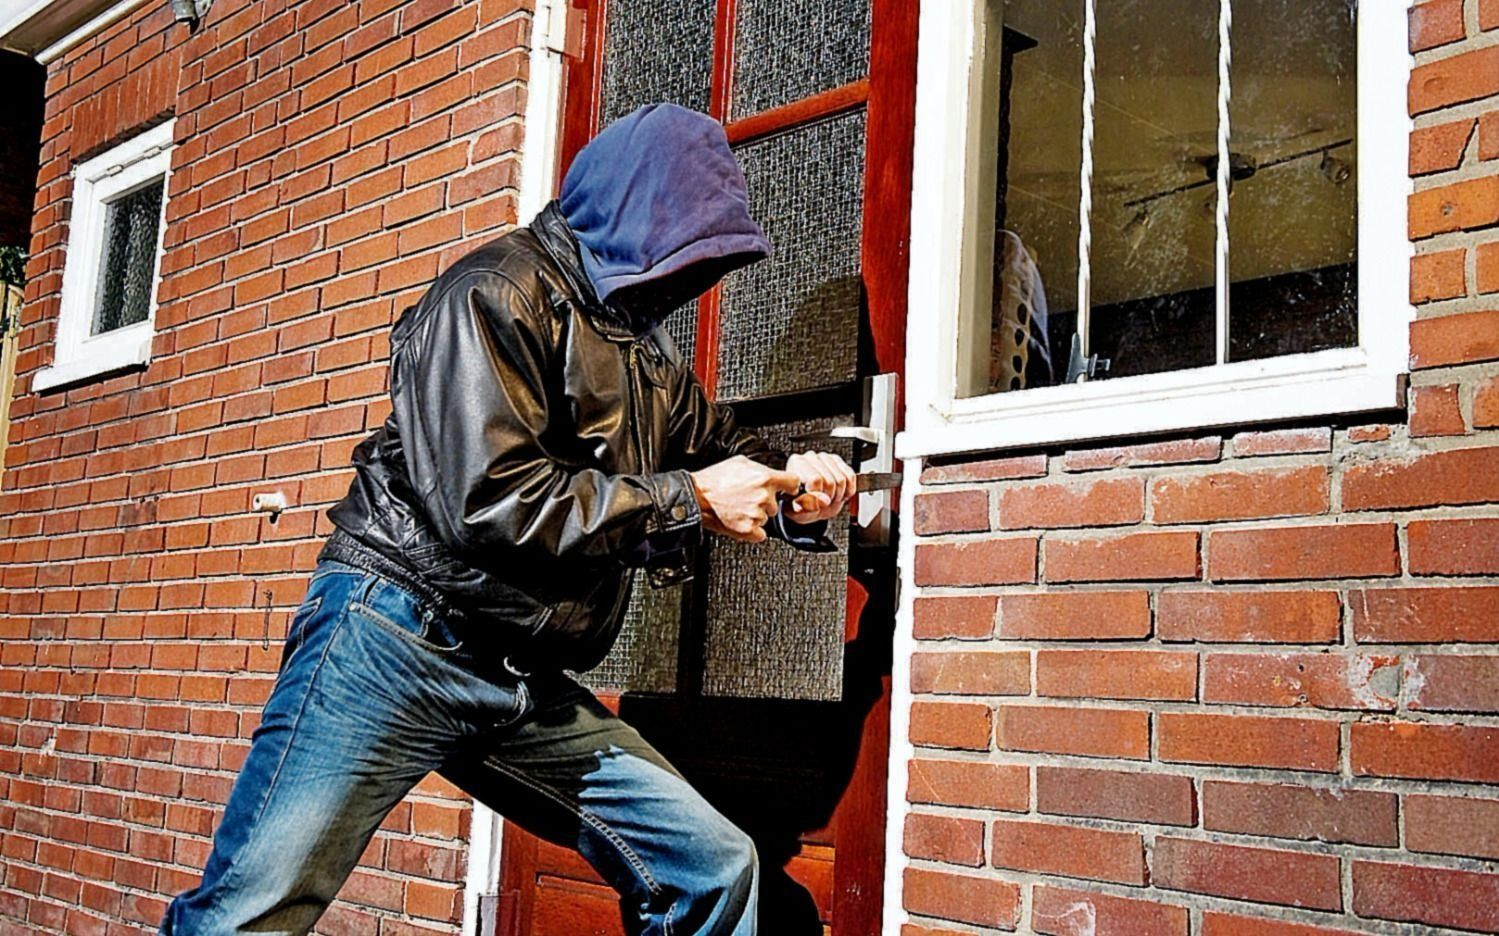 Sigue la inseguridad en El Mondongo: en un escruche desvalijaron una casa